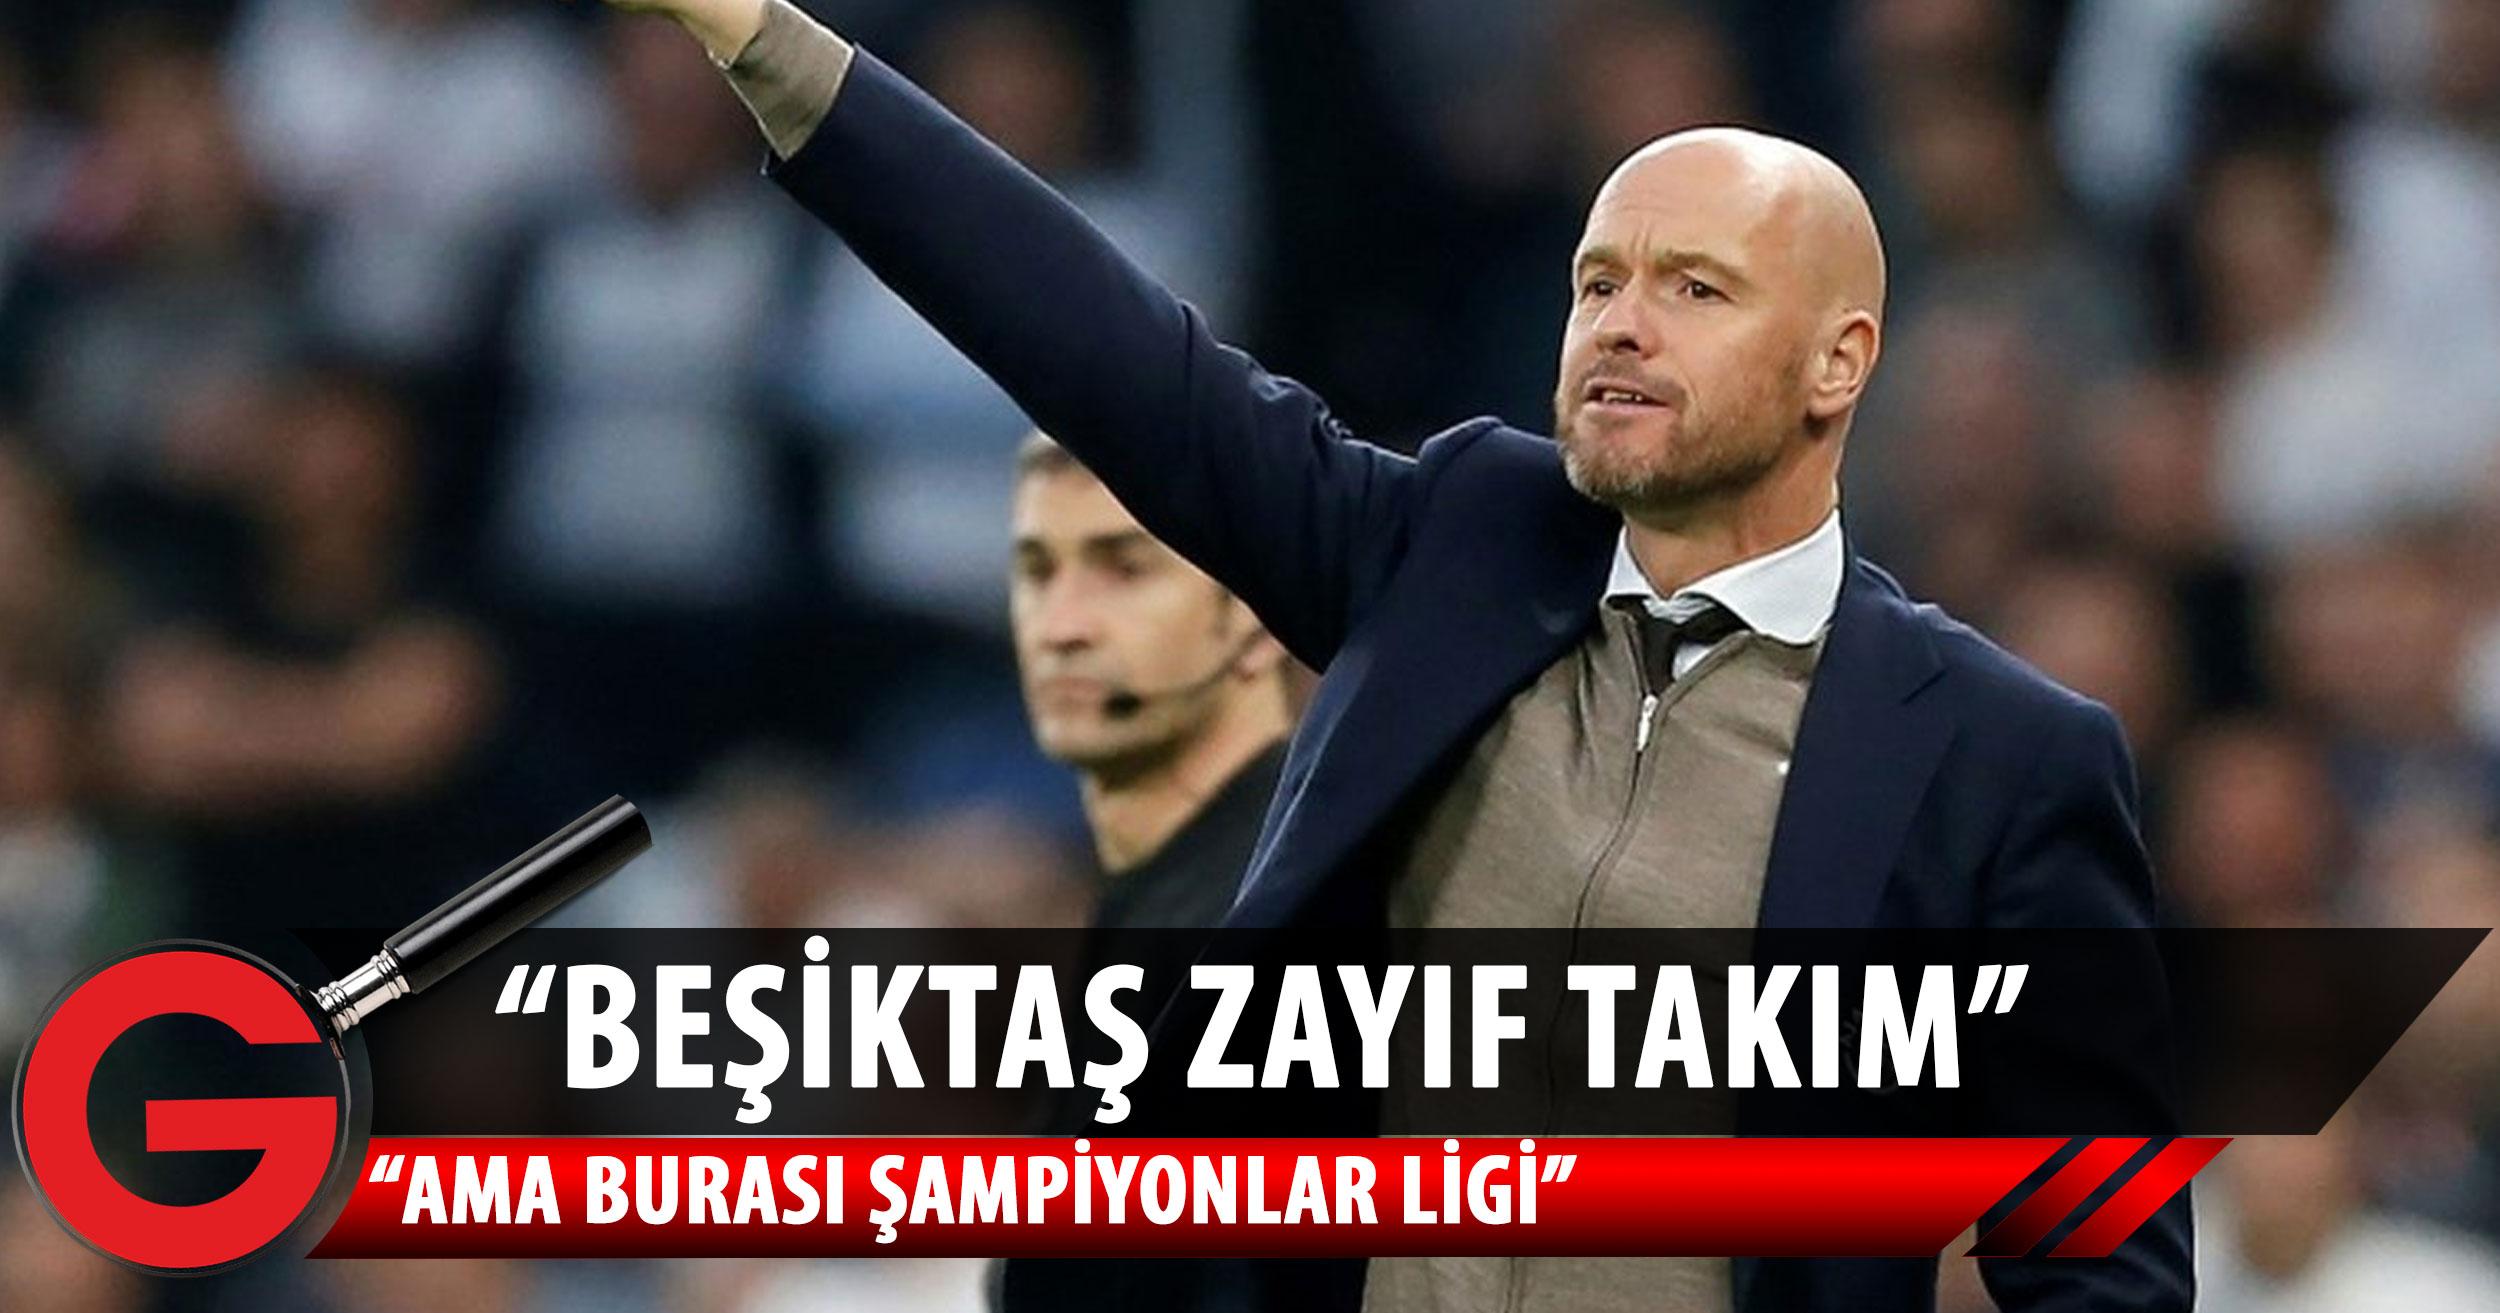 Erik ten Hag: Beşiktaş zayıf takım ama burası Şampiyonlar Ligi